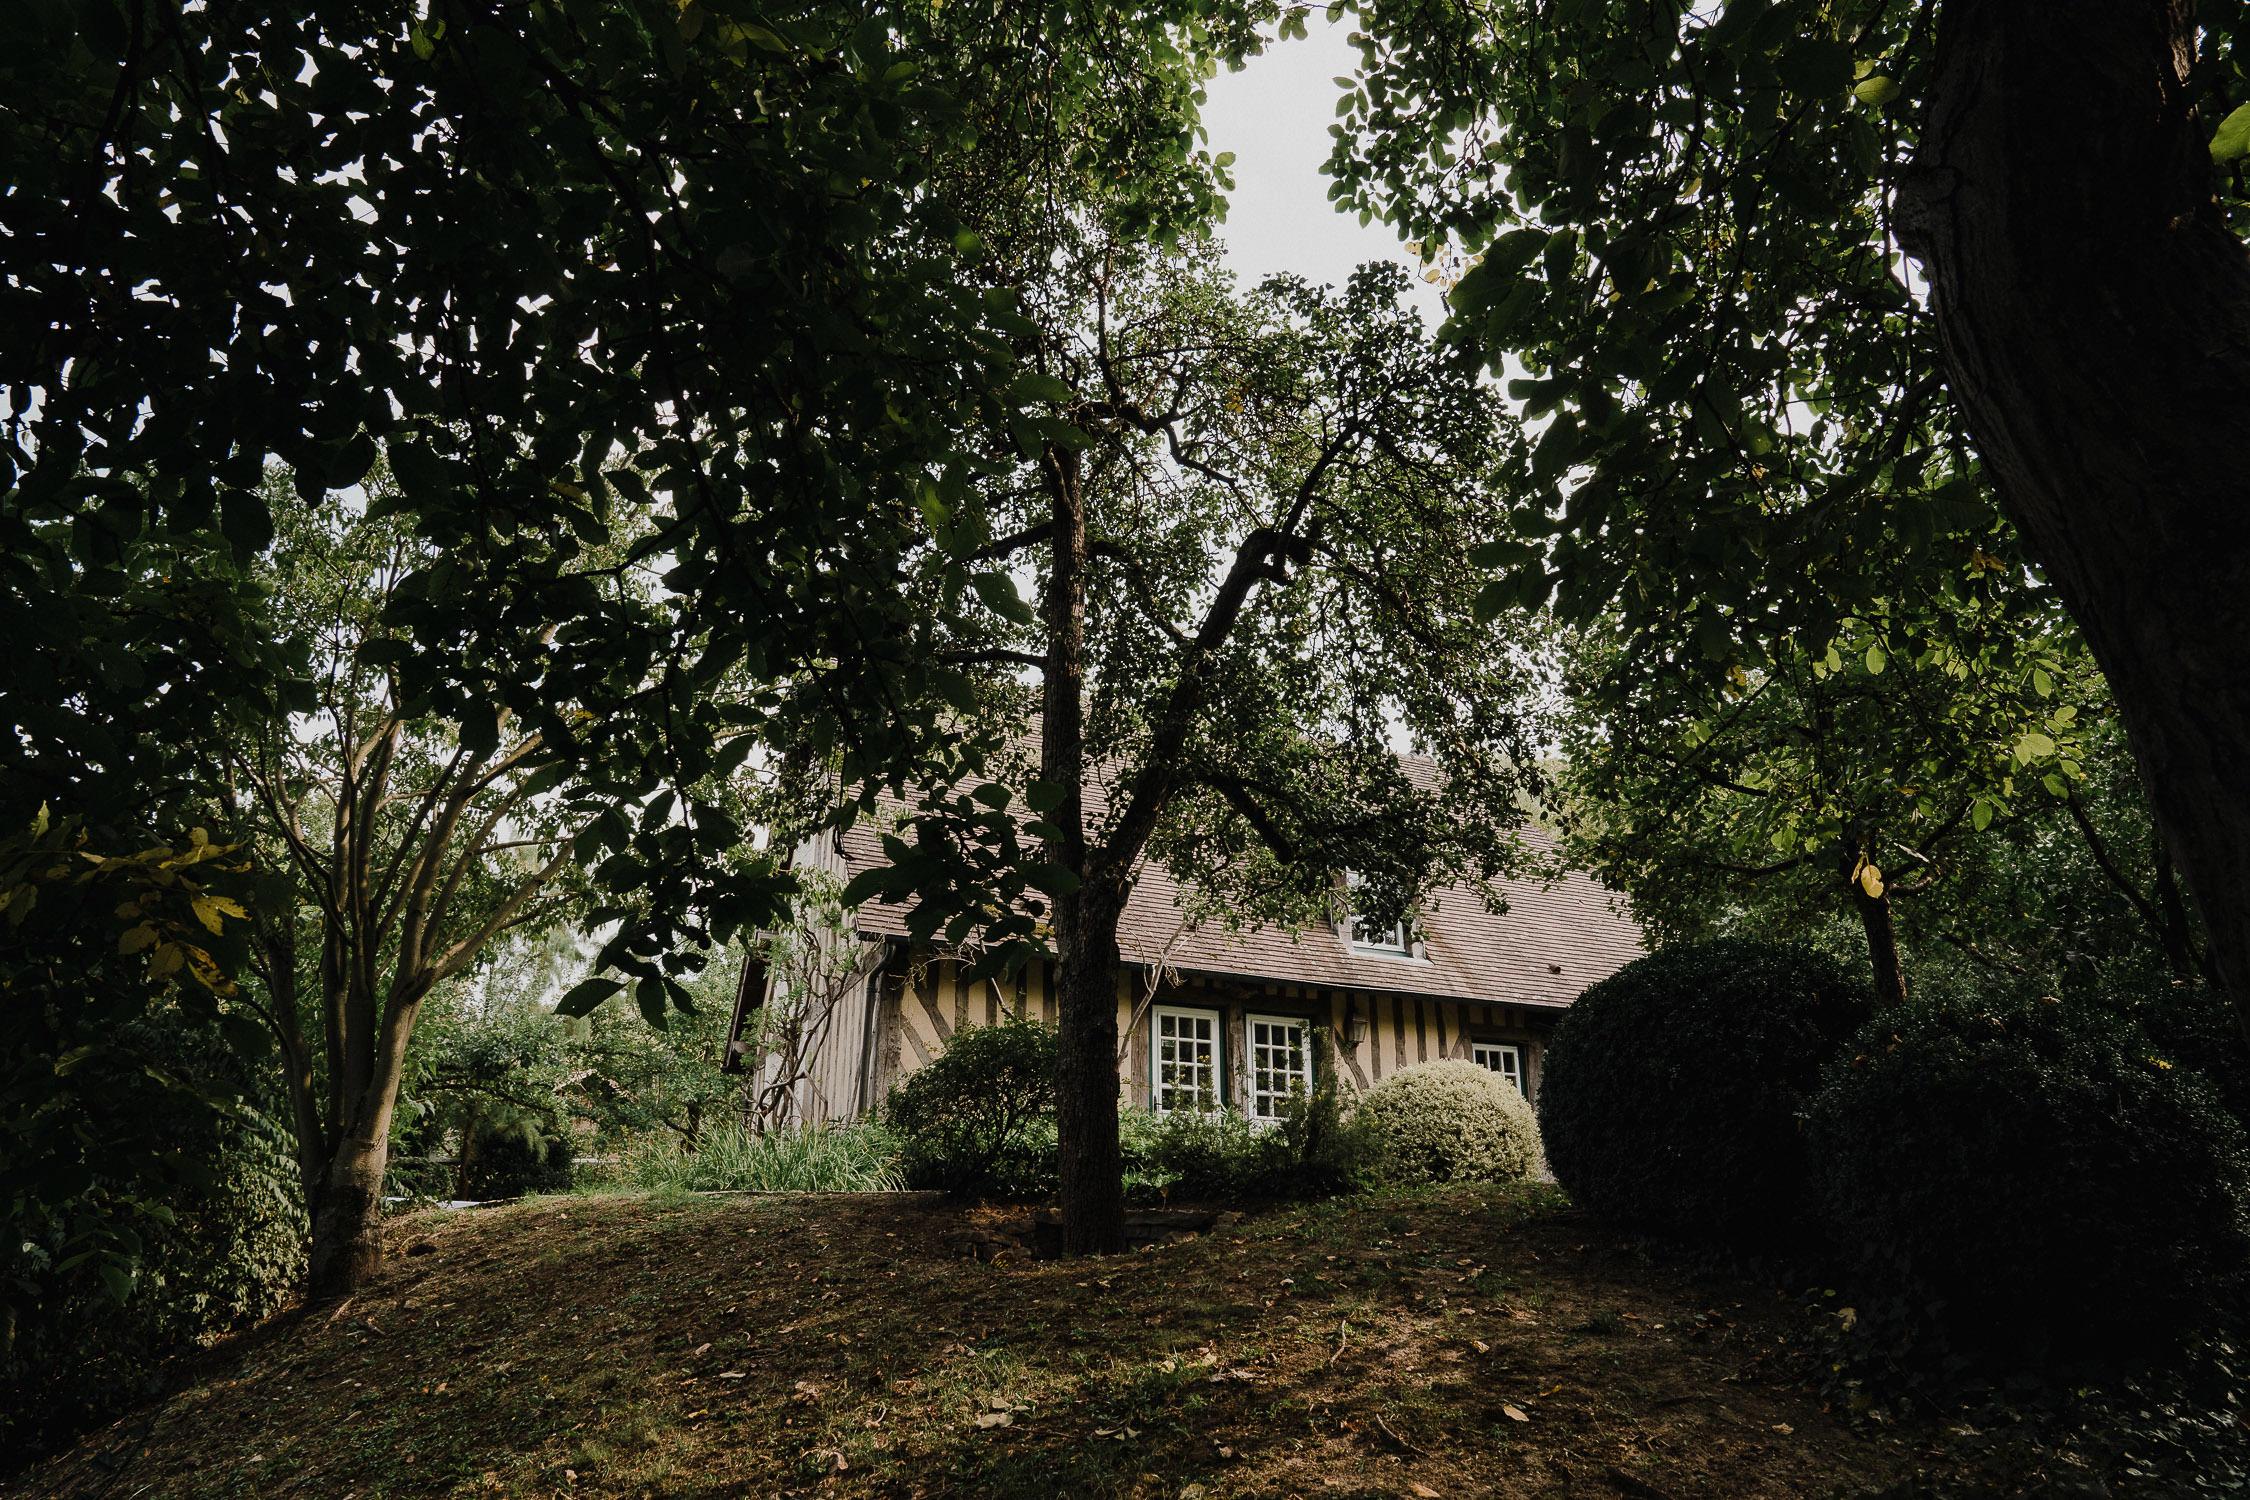 Das französische Haus im Landesgartenschaugelände Wuerzburg. Fotografiert von Hochzeitsfotograf Axel Link